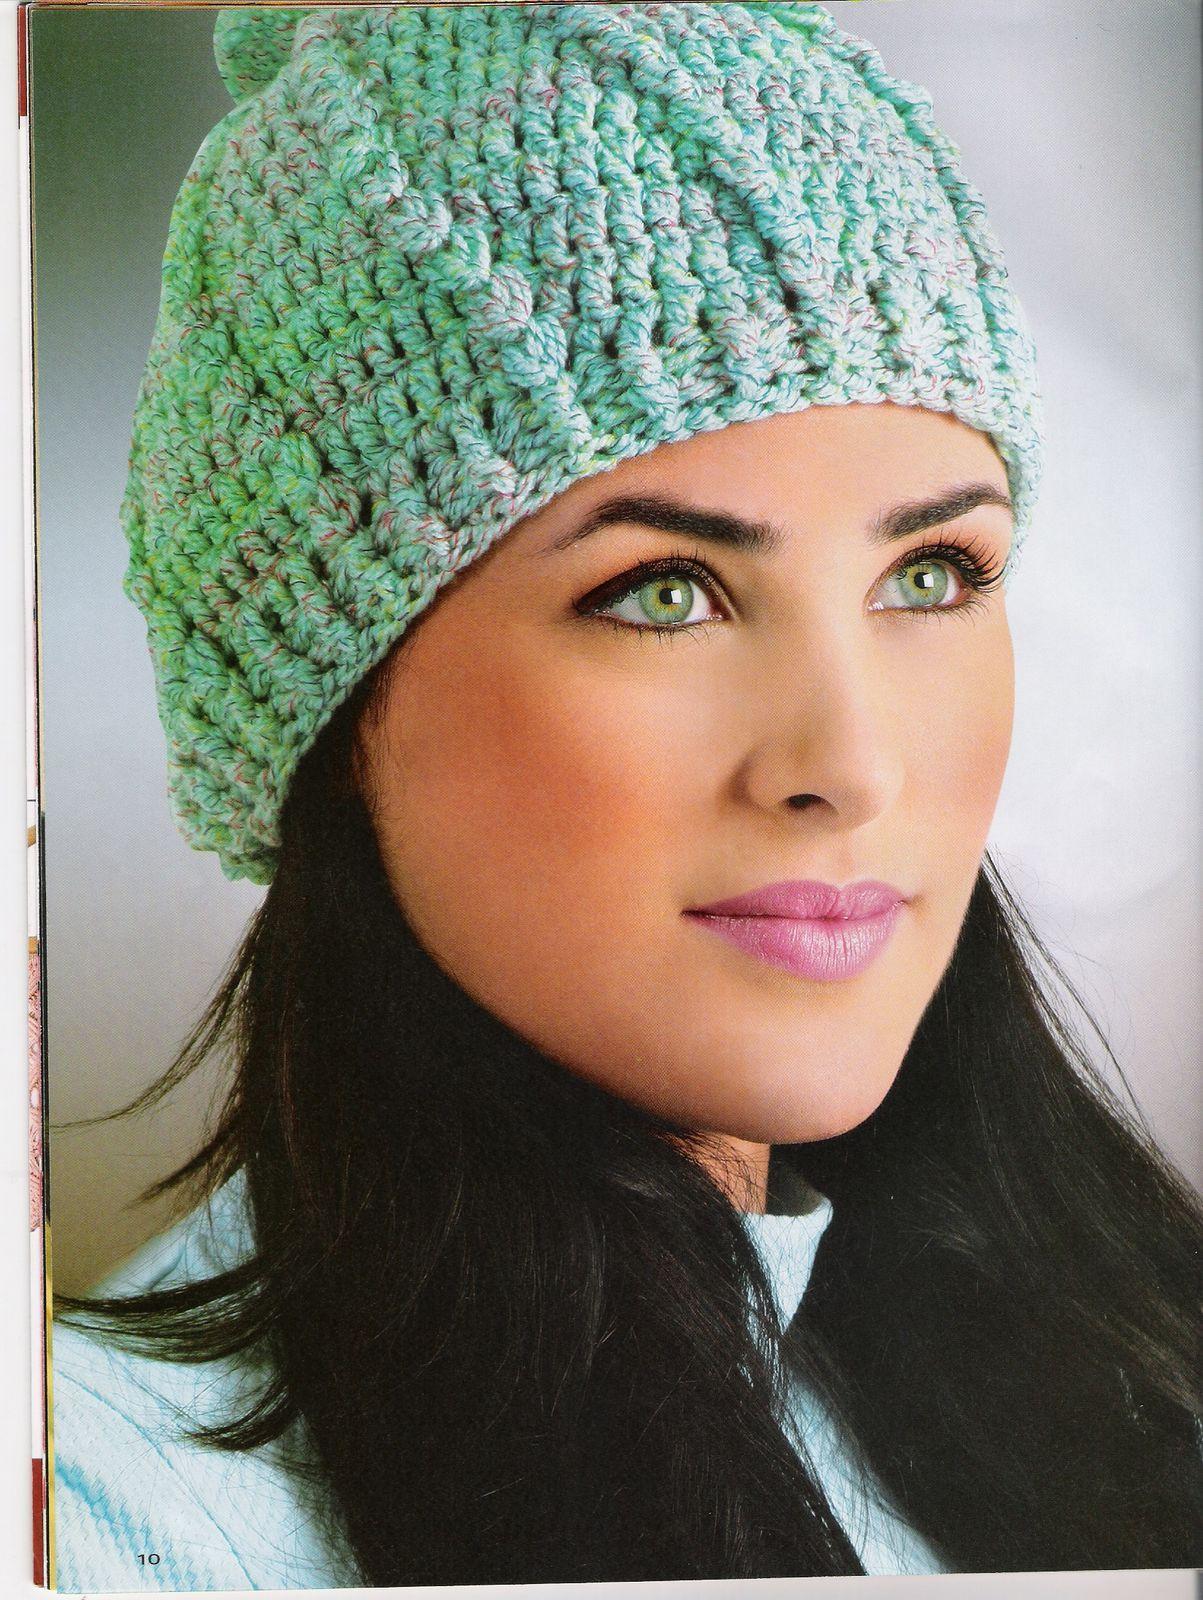 dfc480381a218 gorros en crochet para mujer - Buscar con Google